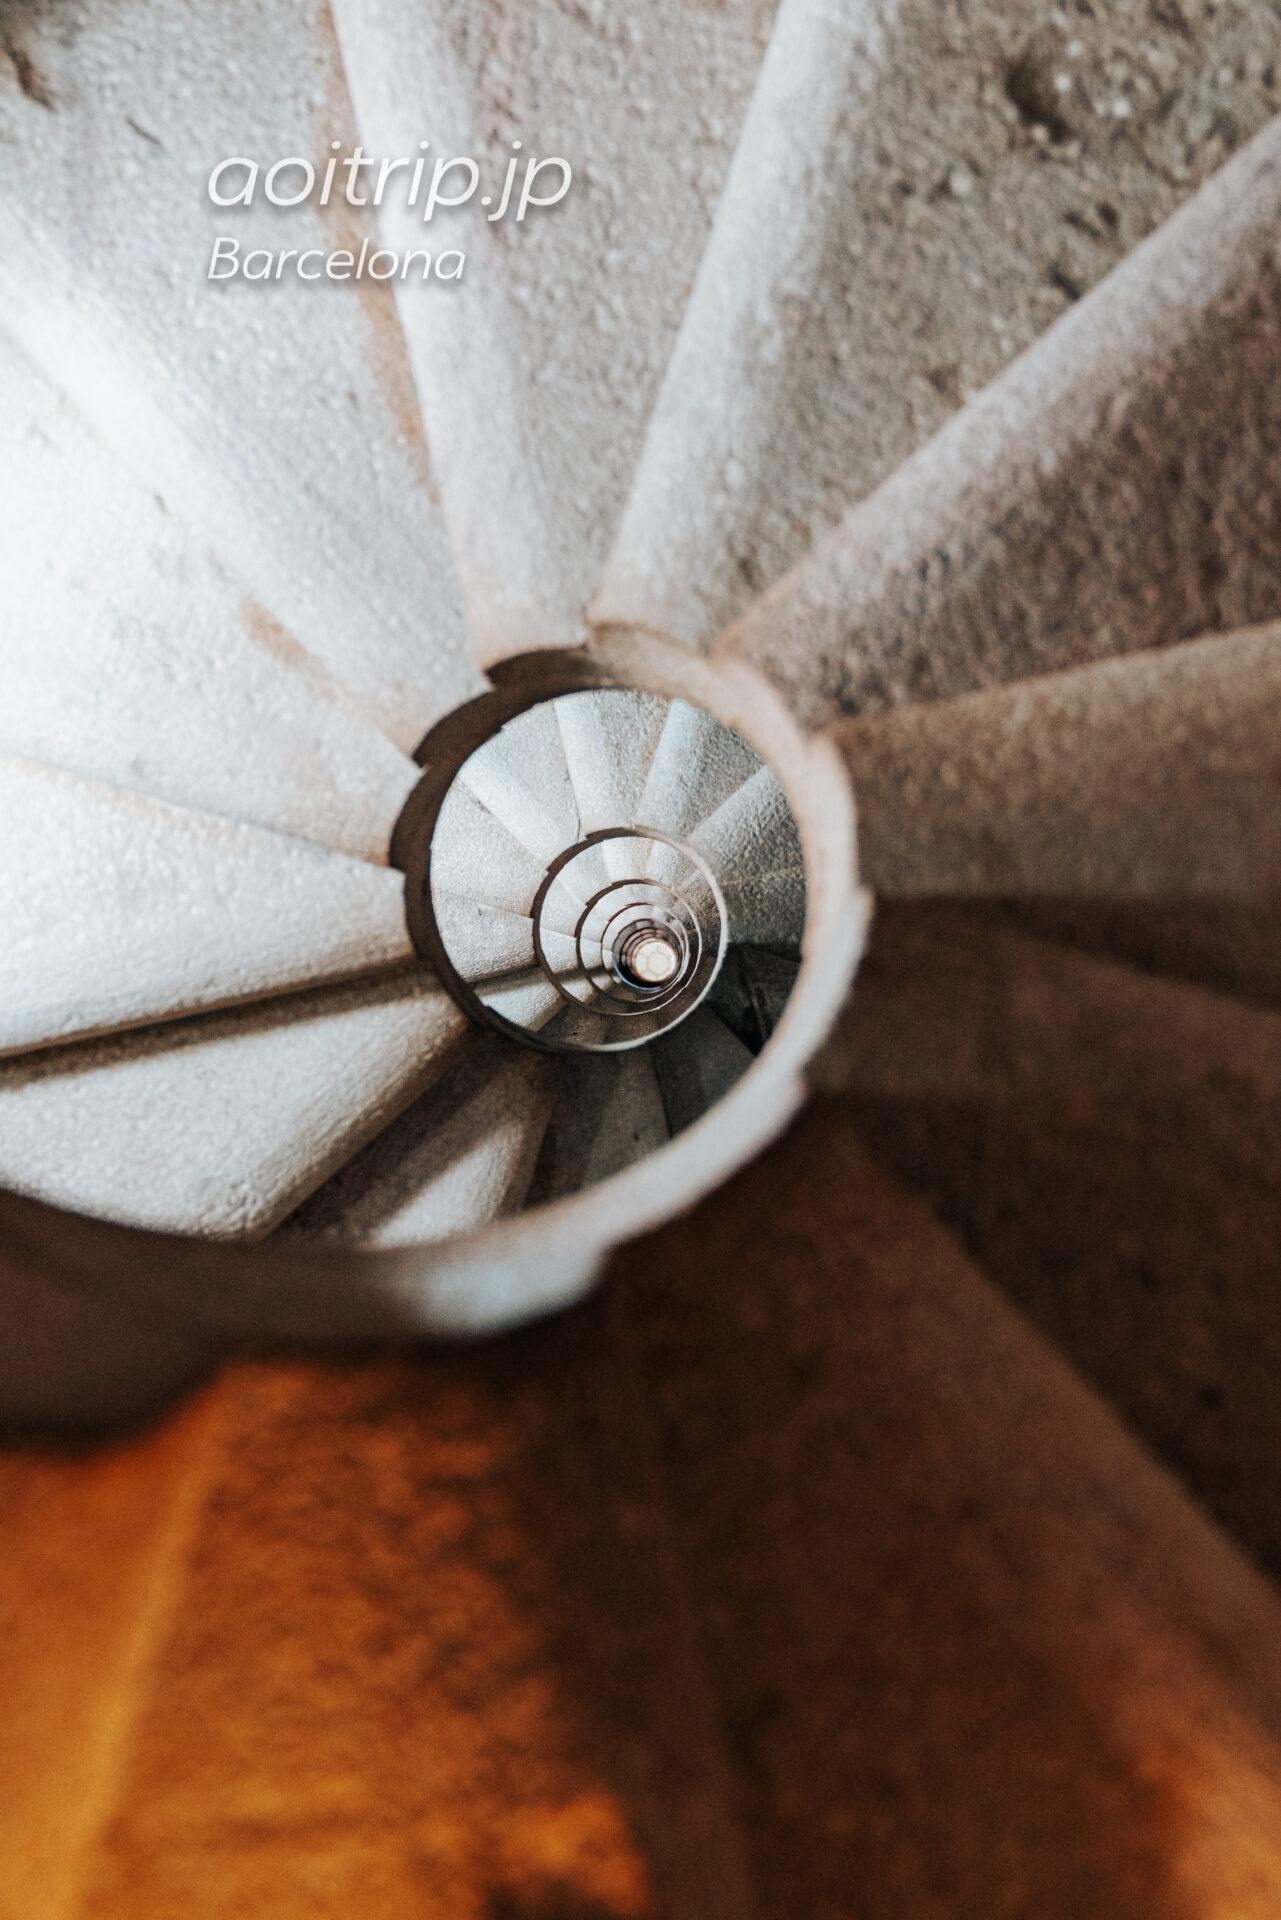 サグラダファミリア 生誕の門の螺旋階段